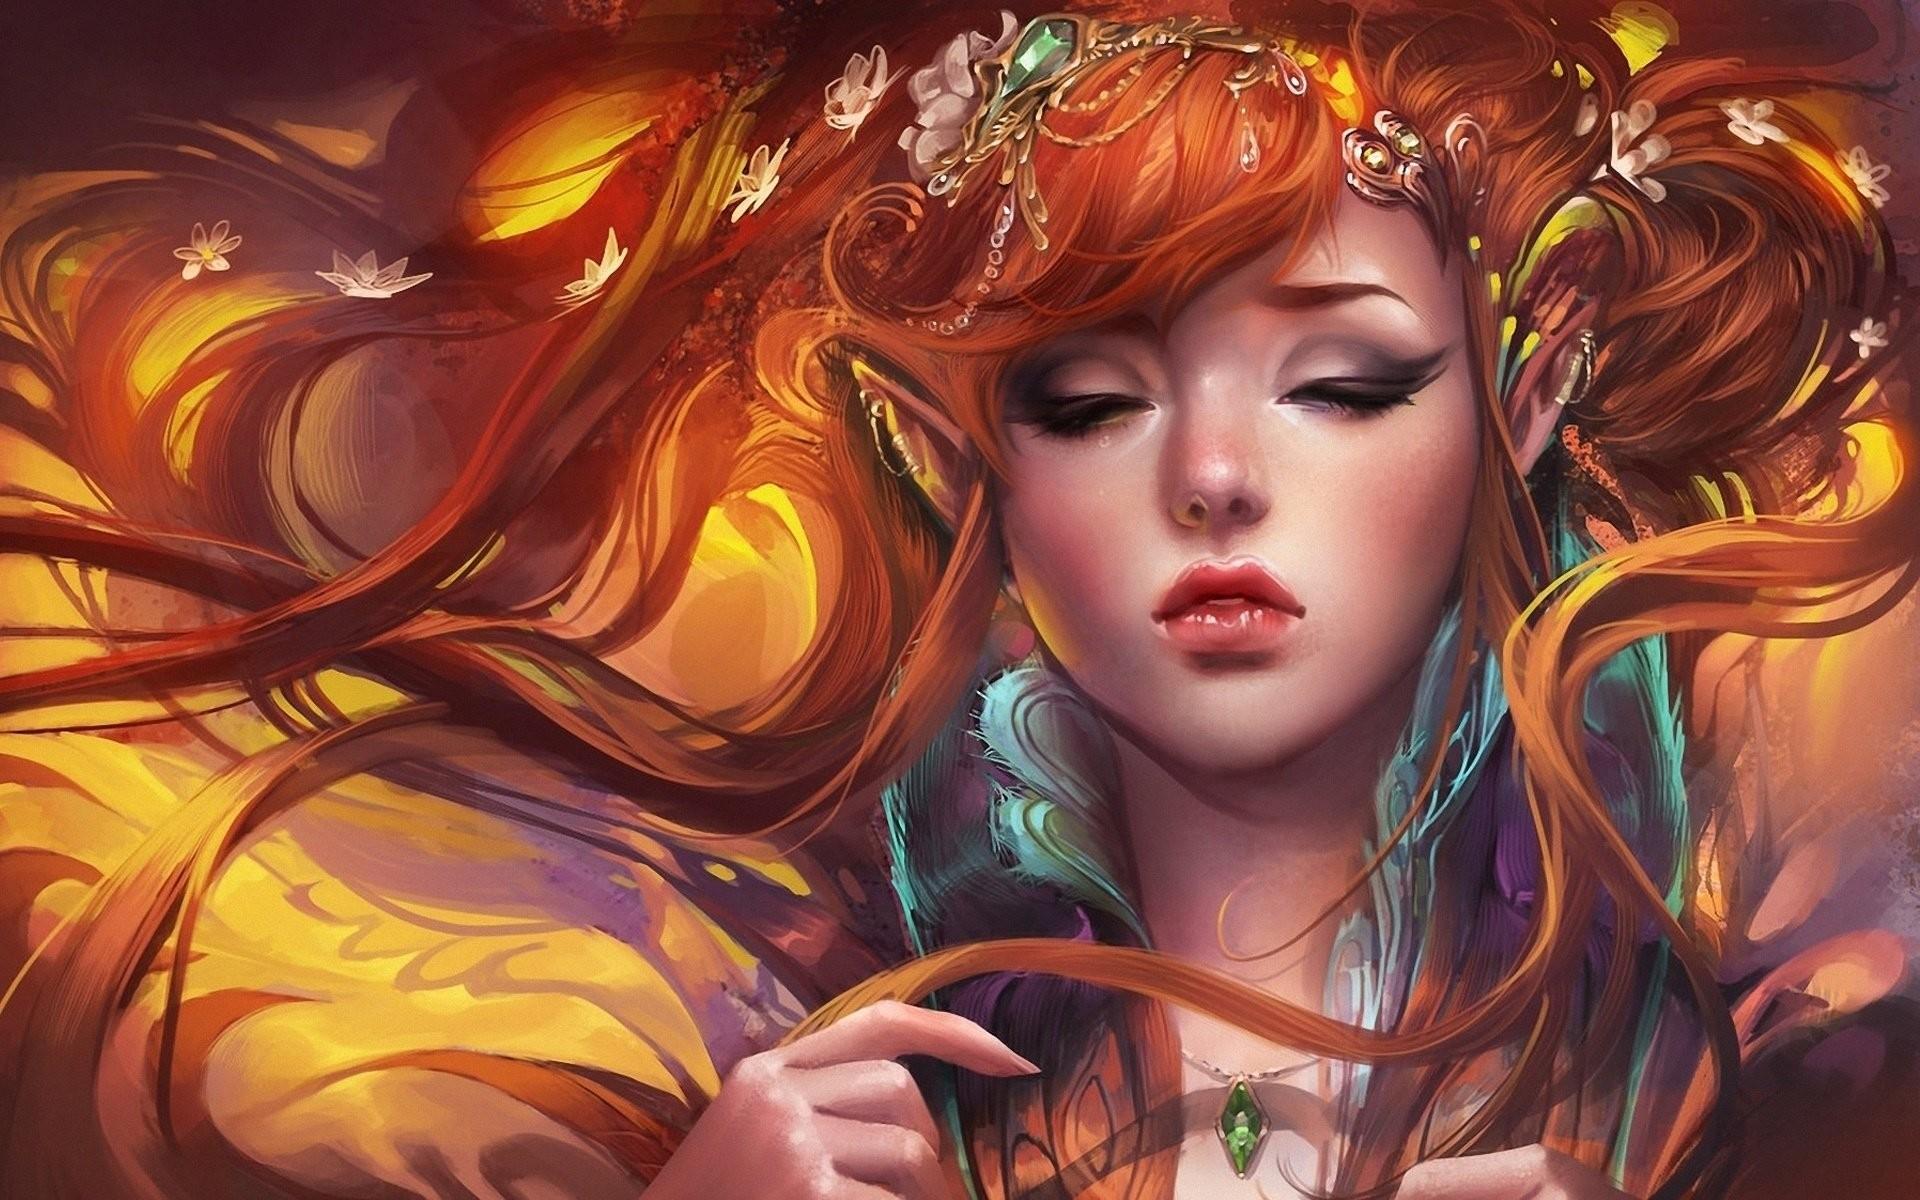 Female Elf Wallpaper – WallpaperSafari